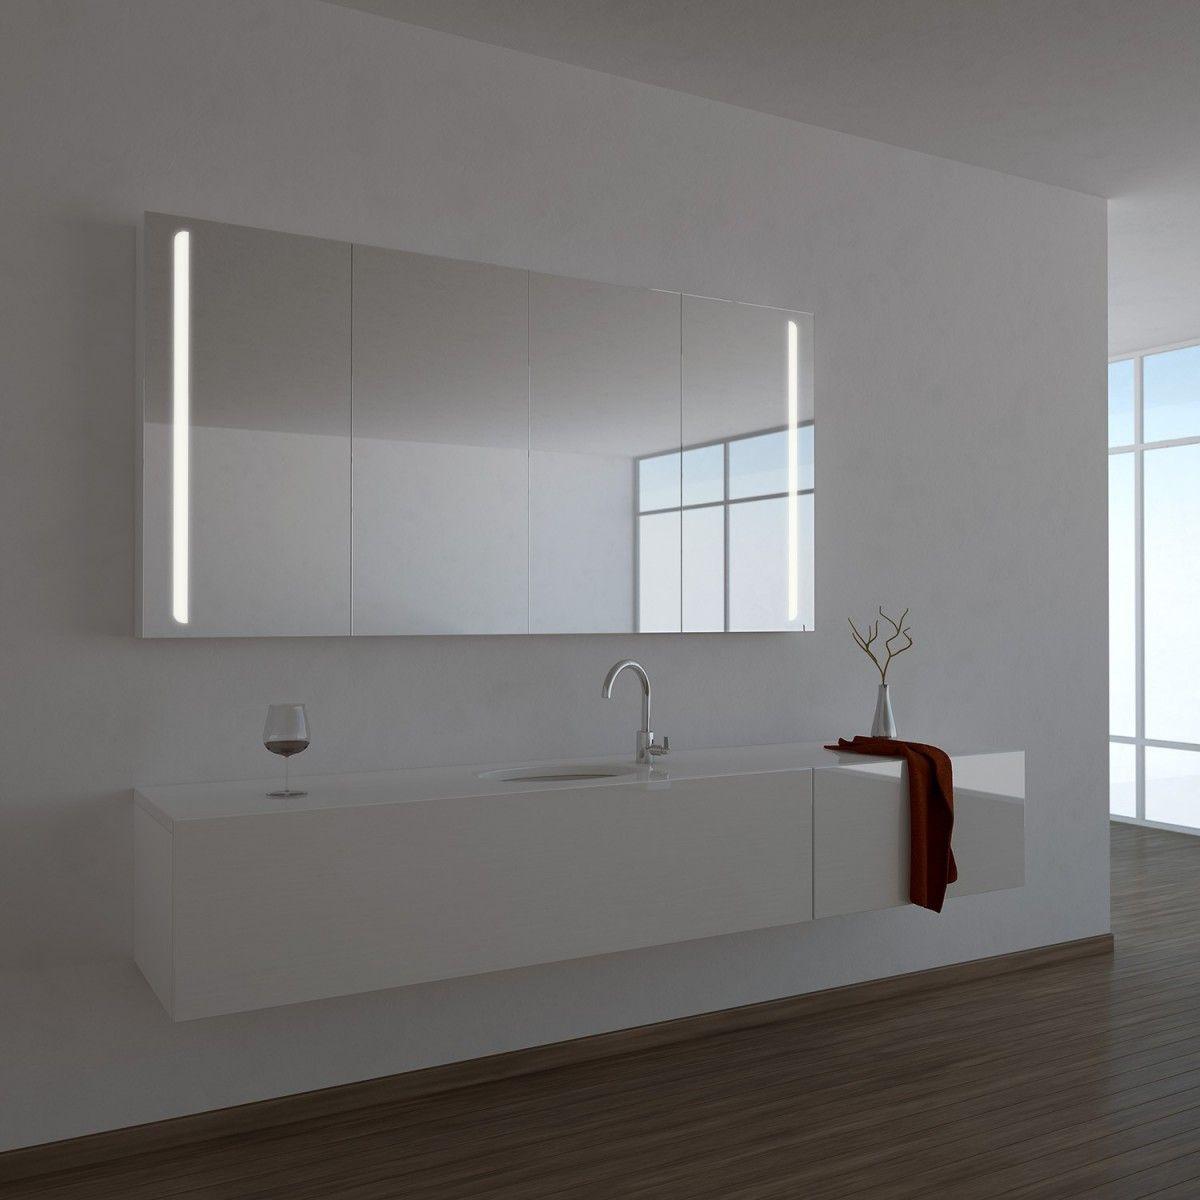 Spiegelschrank Ogrel Mit Led Beleuchtung Mit Bildern Spiegelschrank Bad Spiegelschrank Beleuchtung Spiegelschrank